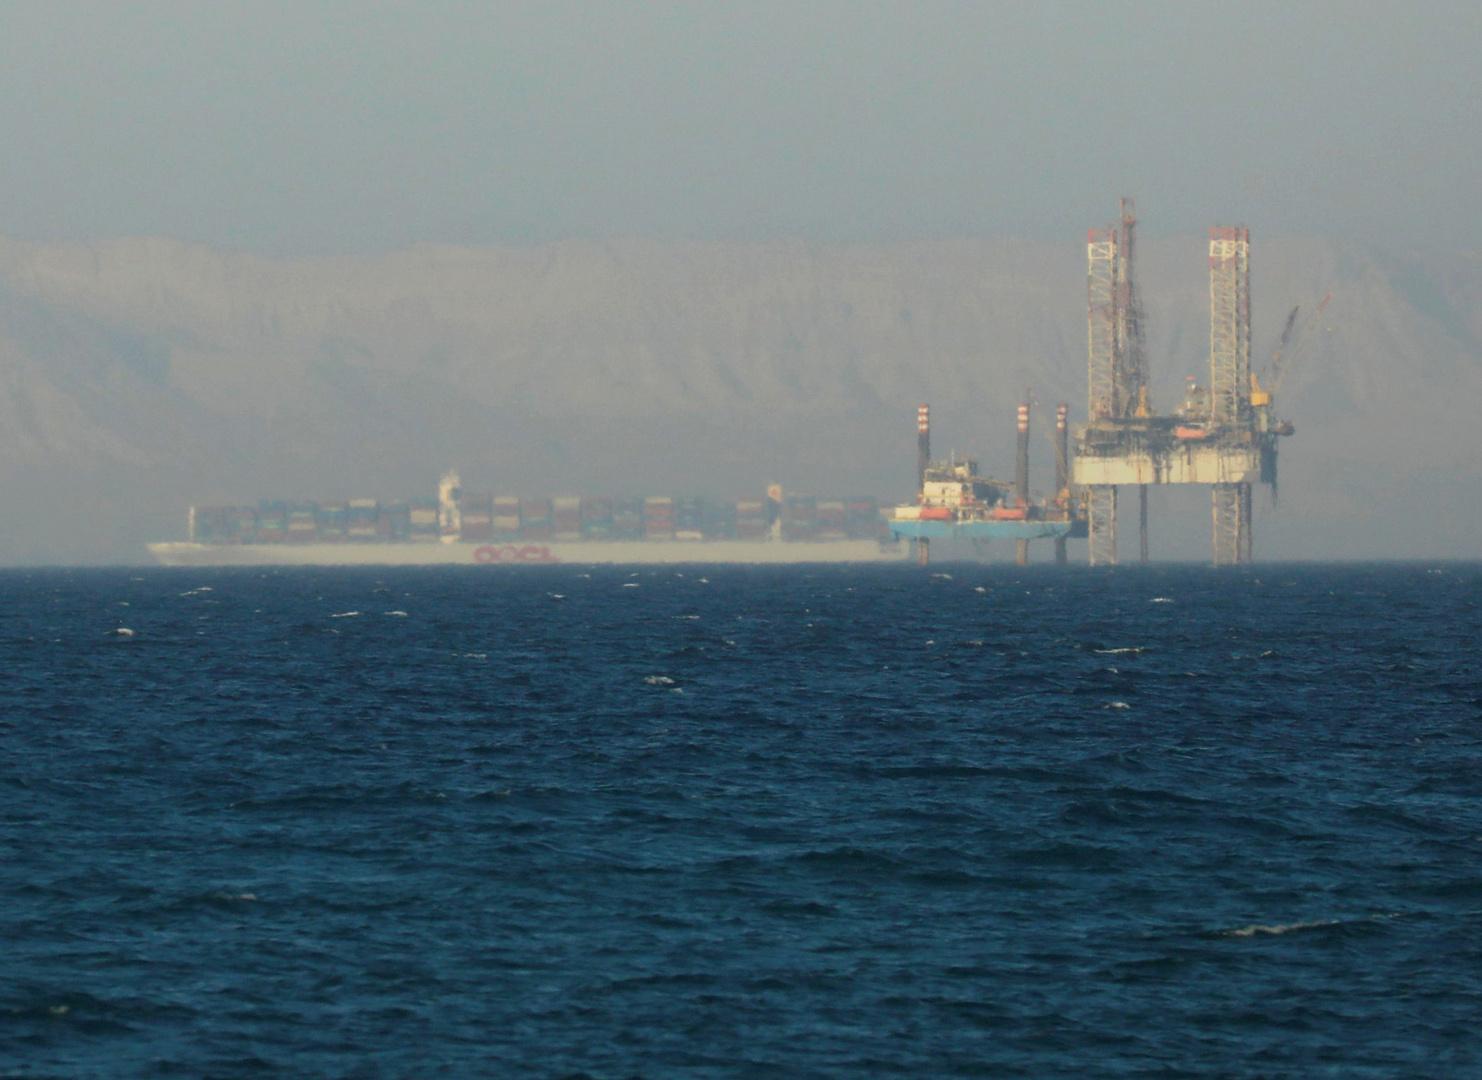 مسؤول مصري: مشروع عسقلان الإسرائيلي سيؤثر على قناة السويس